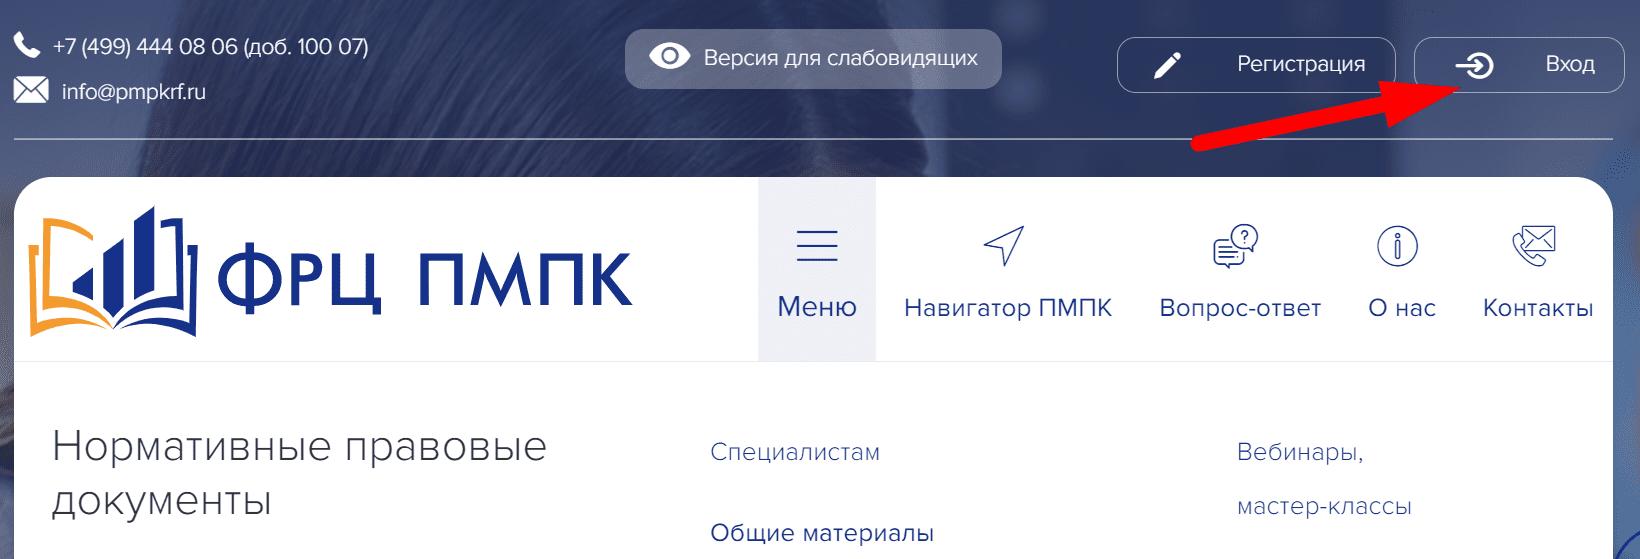 Официальный сайт «ФРЦ ПМПК»